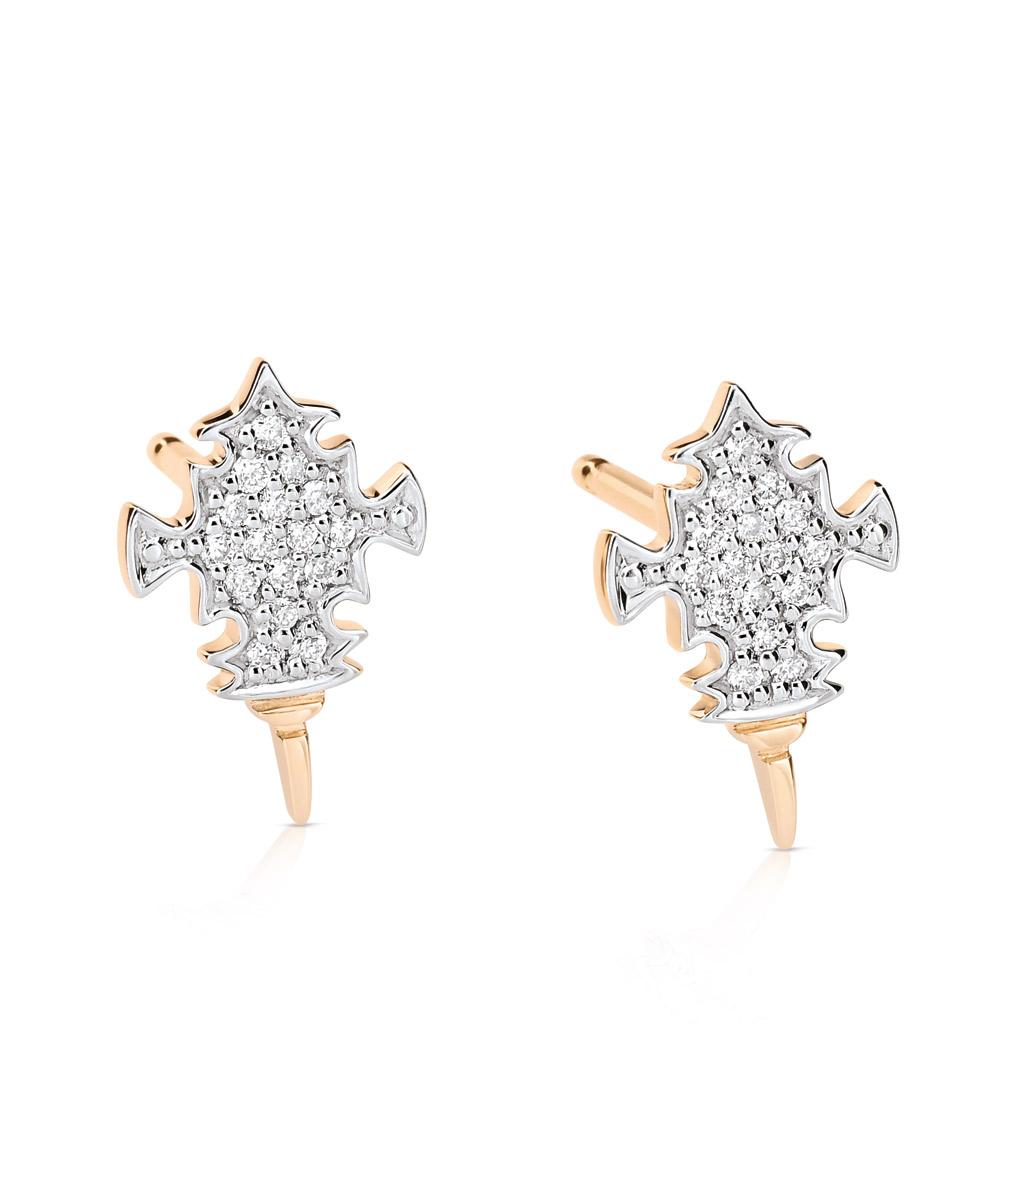 Boucles d'oreilles Tanger Studs Or Diamants